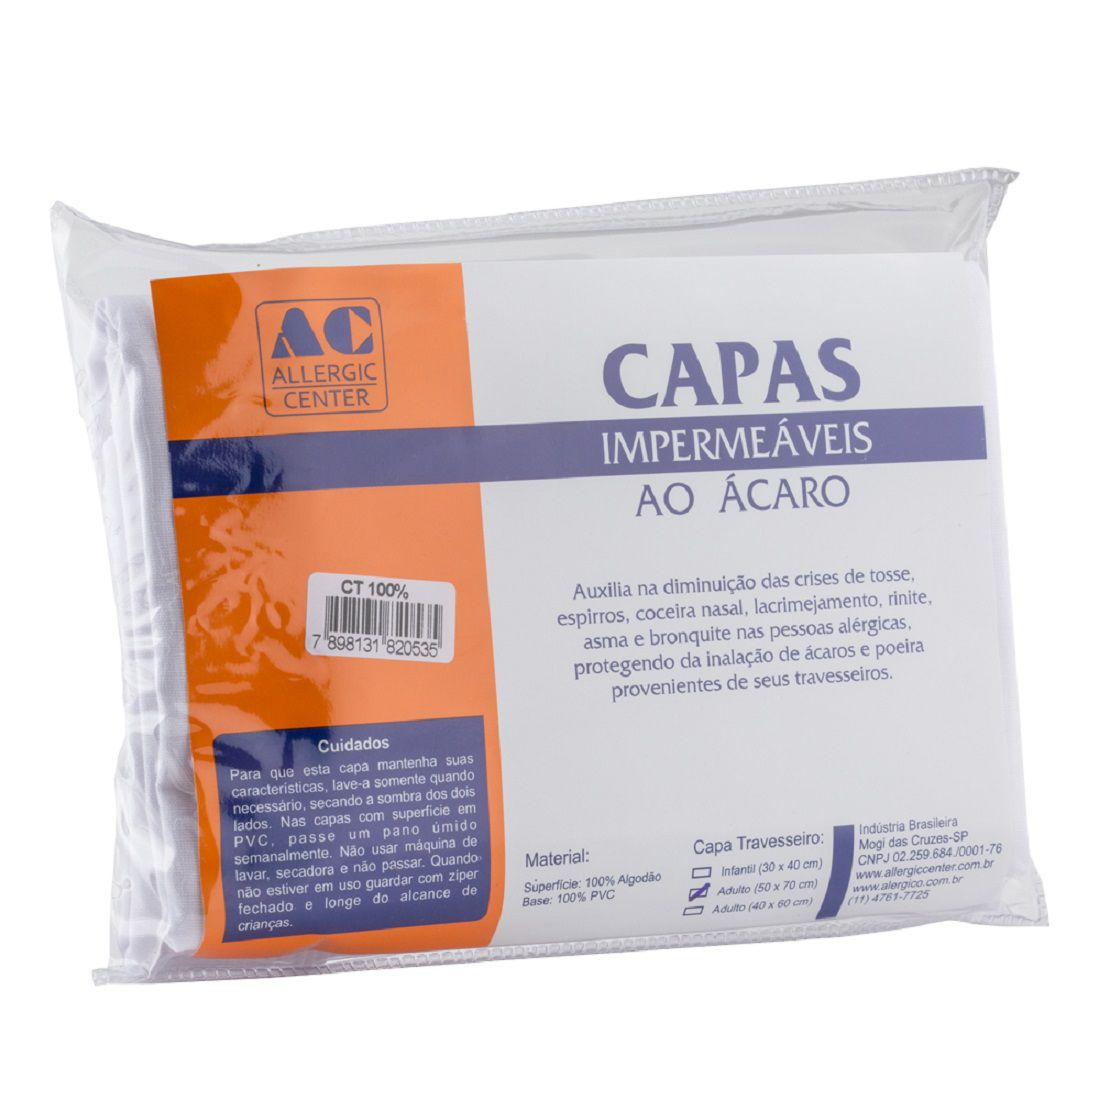 Capa Travesseiro Antiácaro 100% Algodão A.C. (50 x 70 cm)